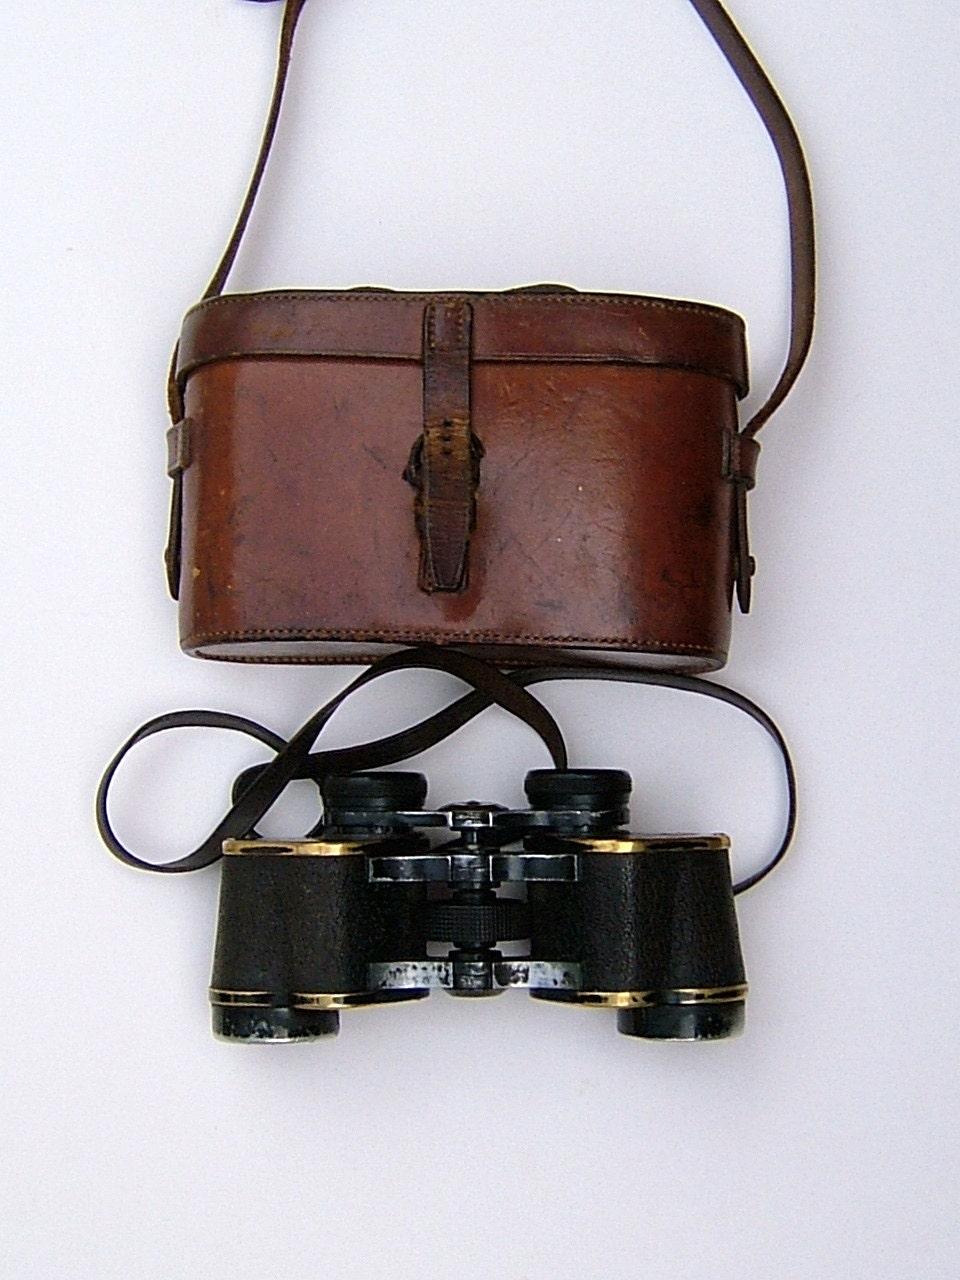 Ww2 Field Binoculars Vintage Field Binoculars